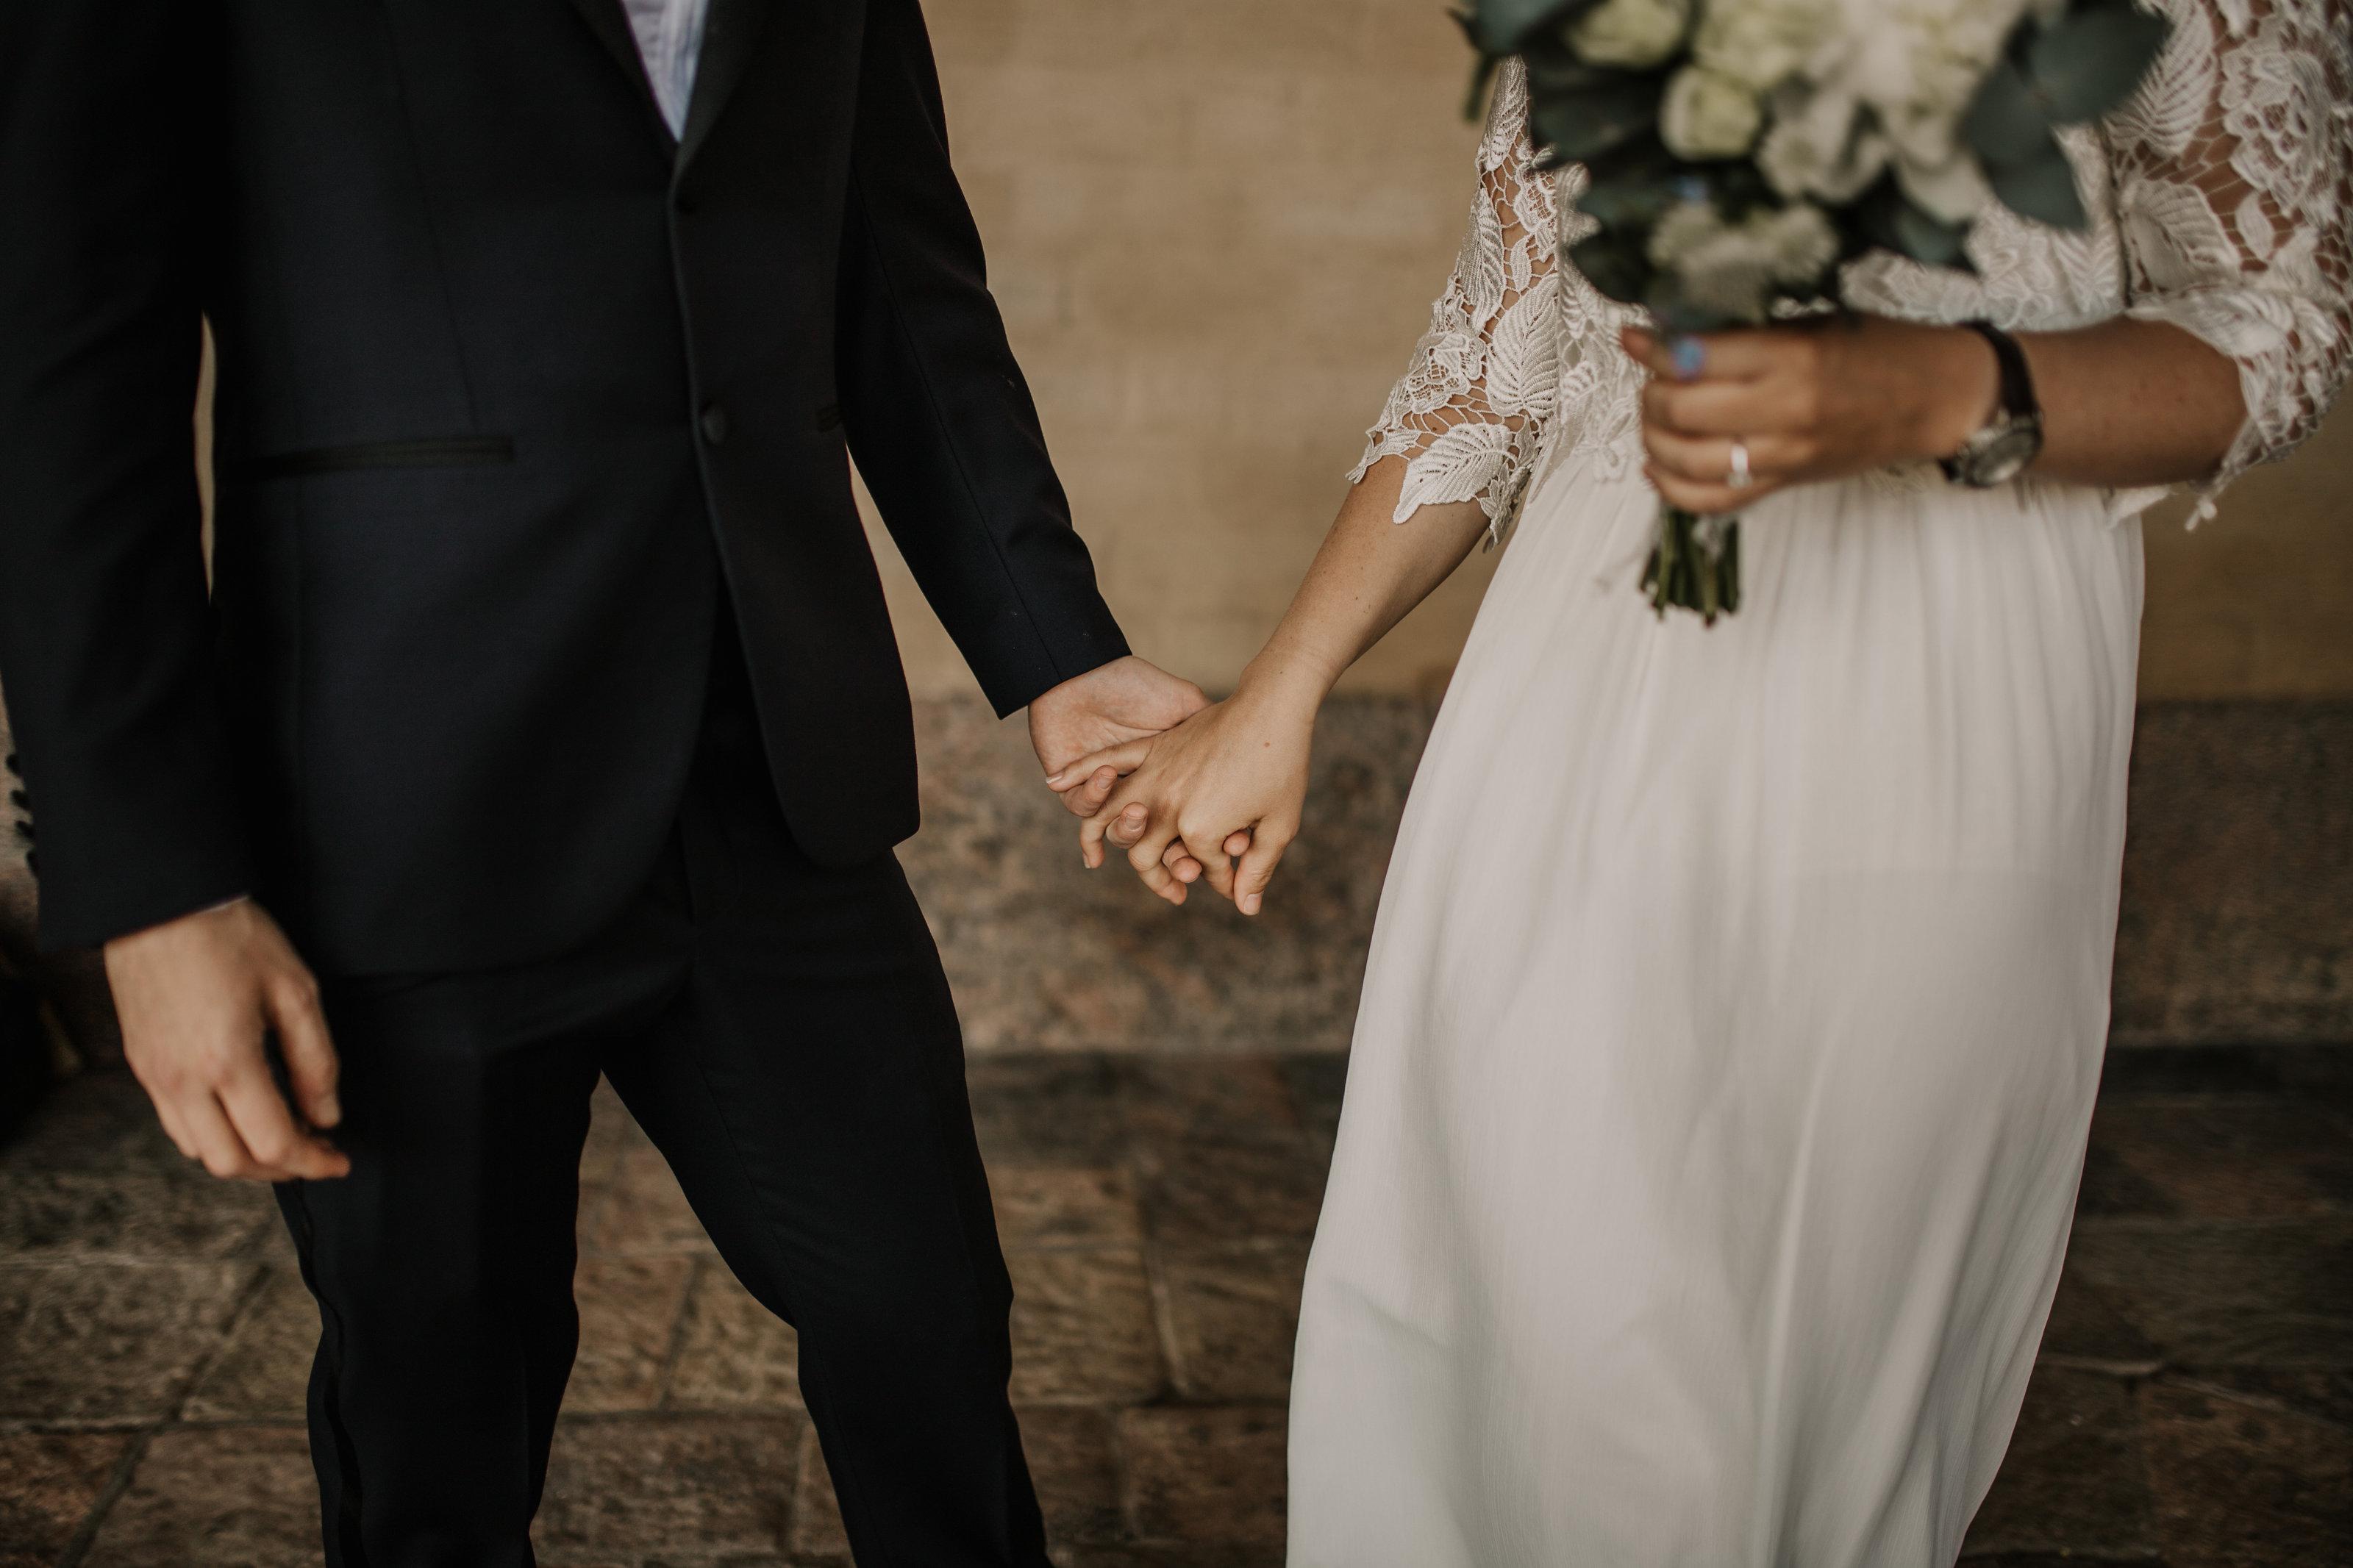 d098cc0a529b Jag kommer diskret att fälla en tår när du äntligen står i dina drömmars  brudklänning framför dina tärnor, fluffa till klänningen och bära släpet så  att du ...